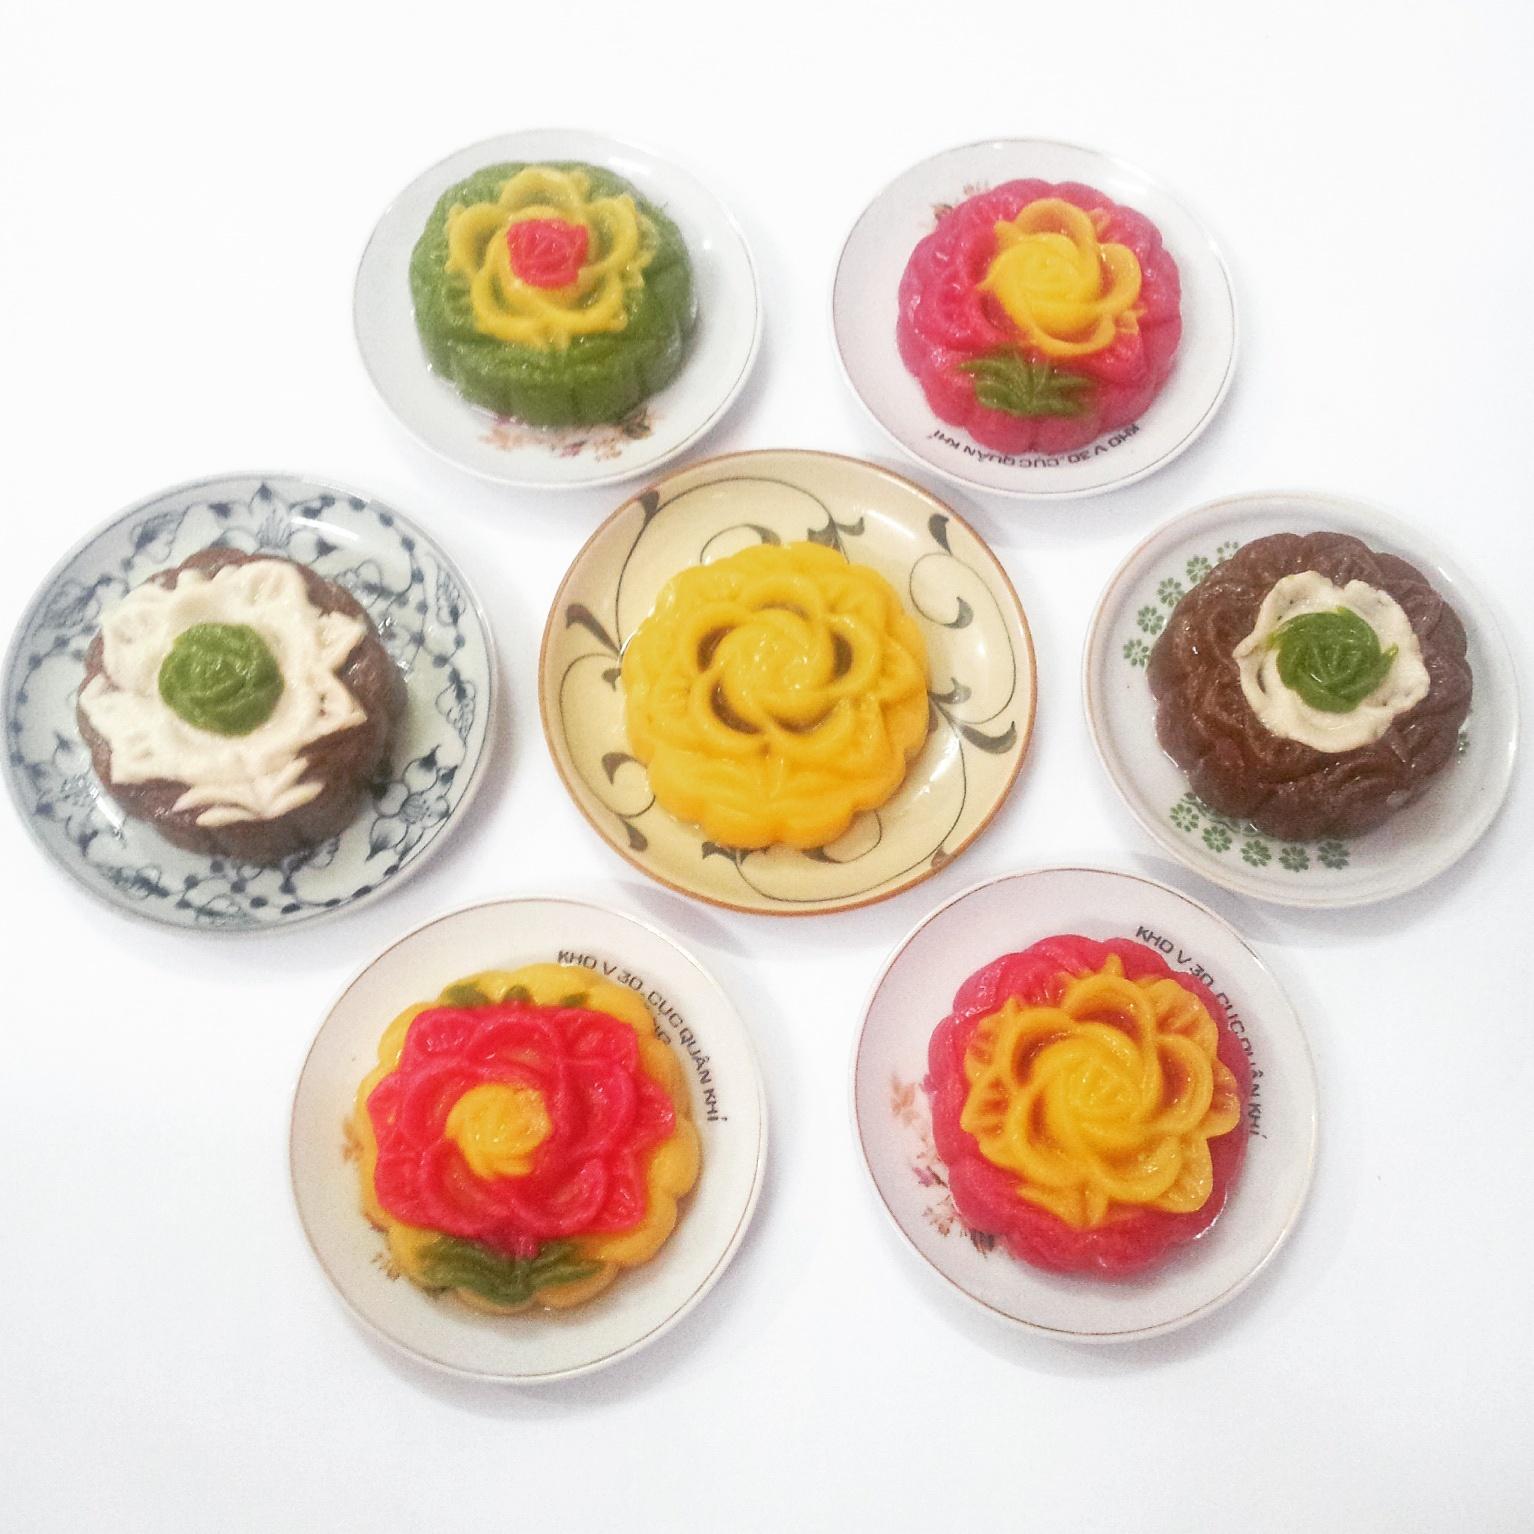 Bánh trung thu handmade nhuộm màu tự nhiên